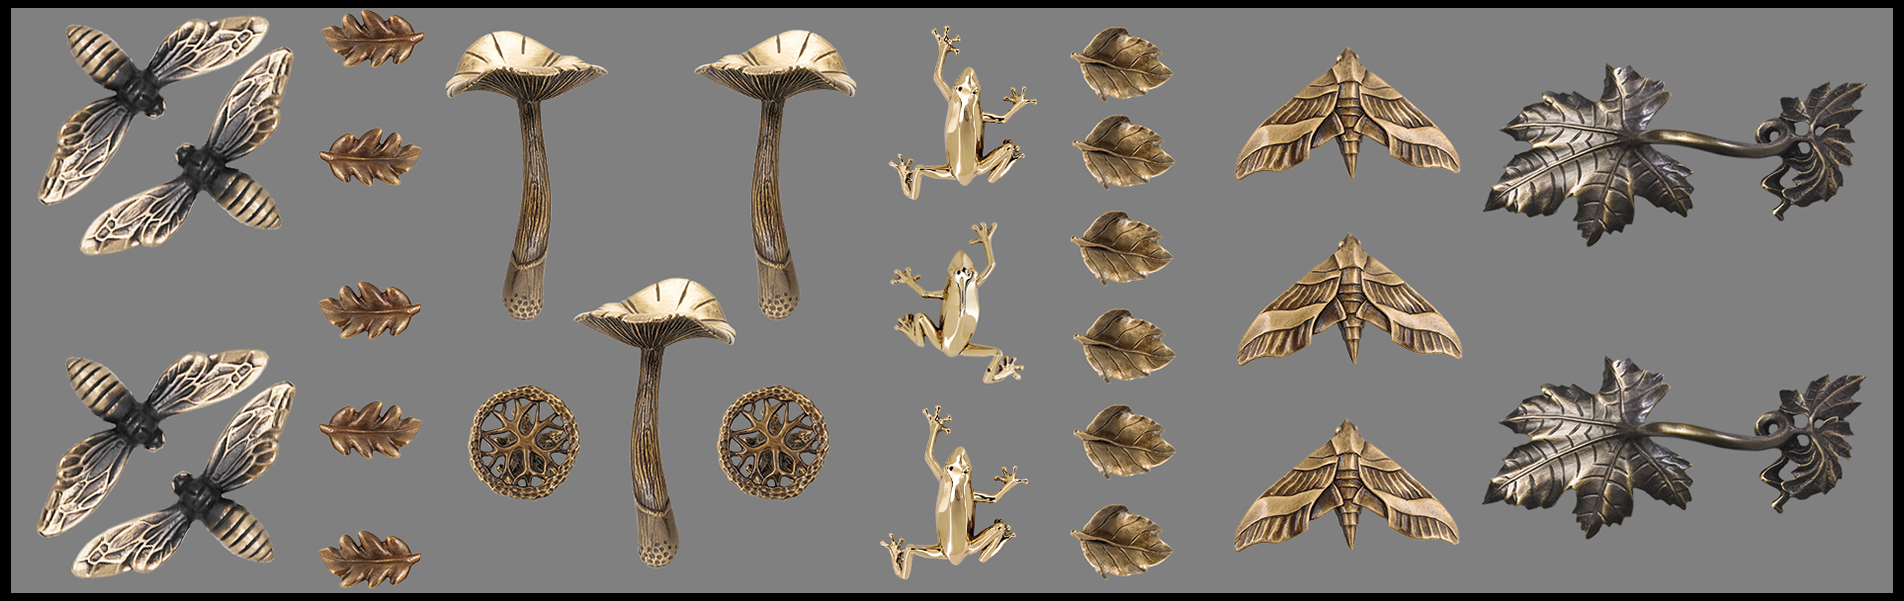 UNIQUE CABINET KNOBS     Animal,Flora,Contemporary